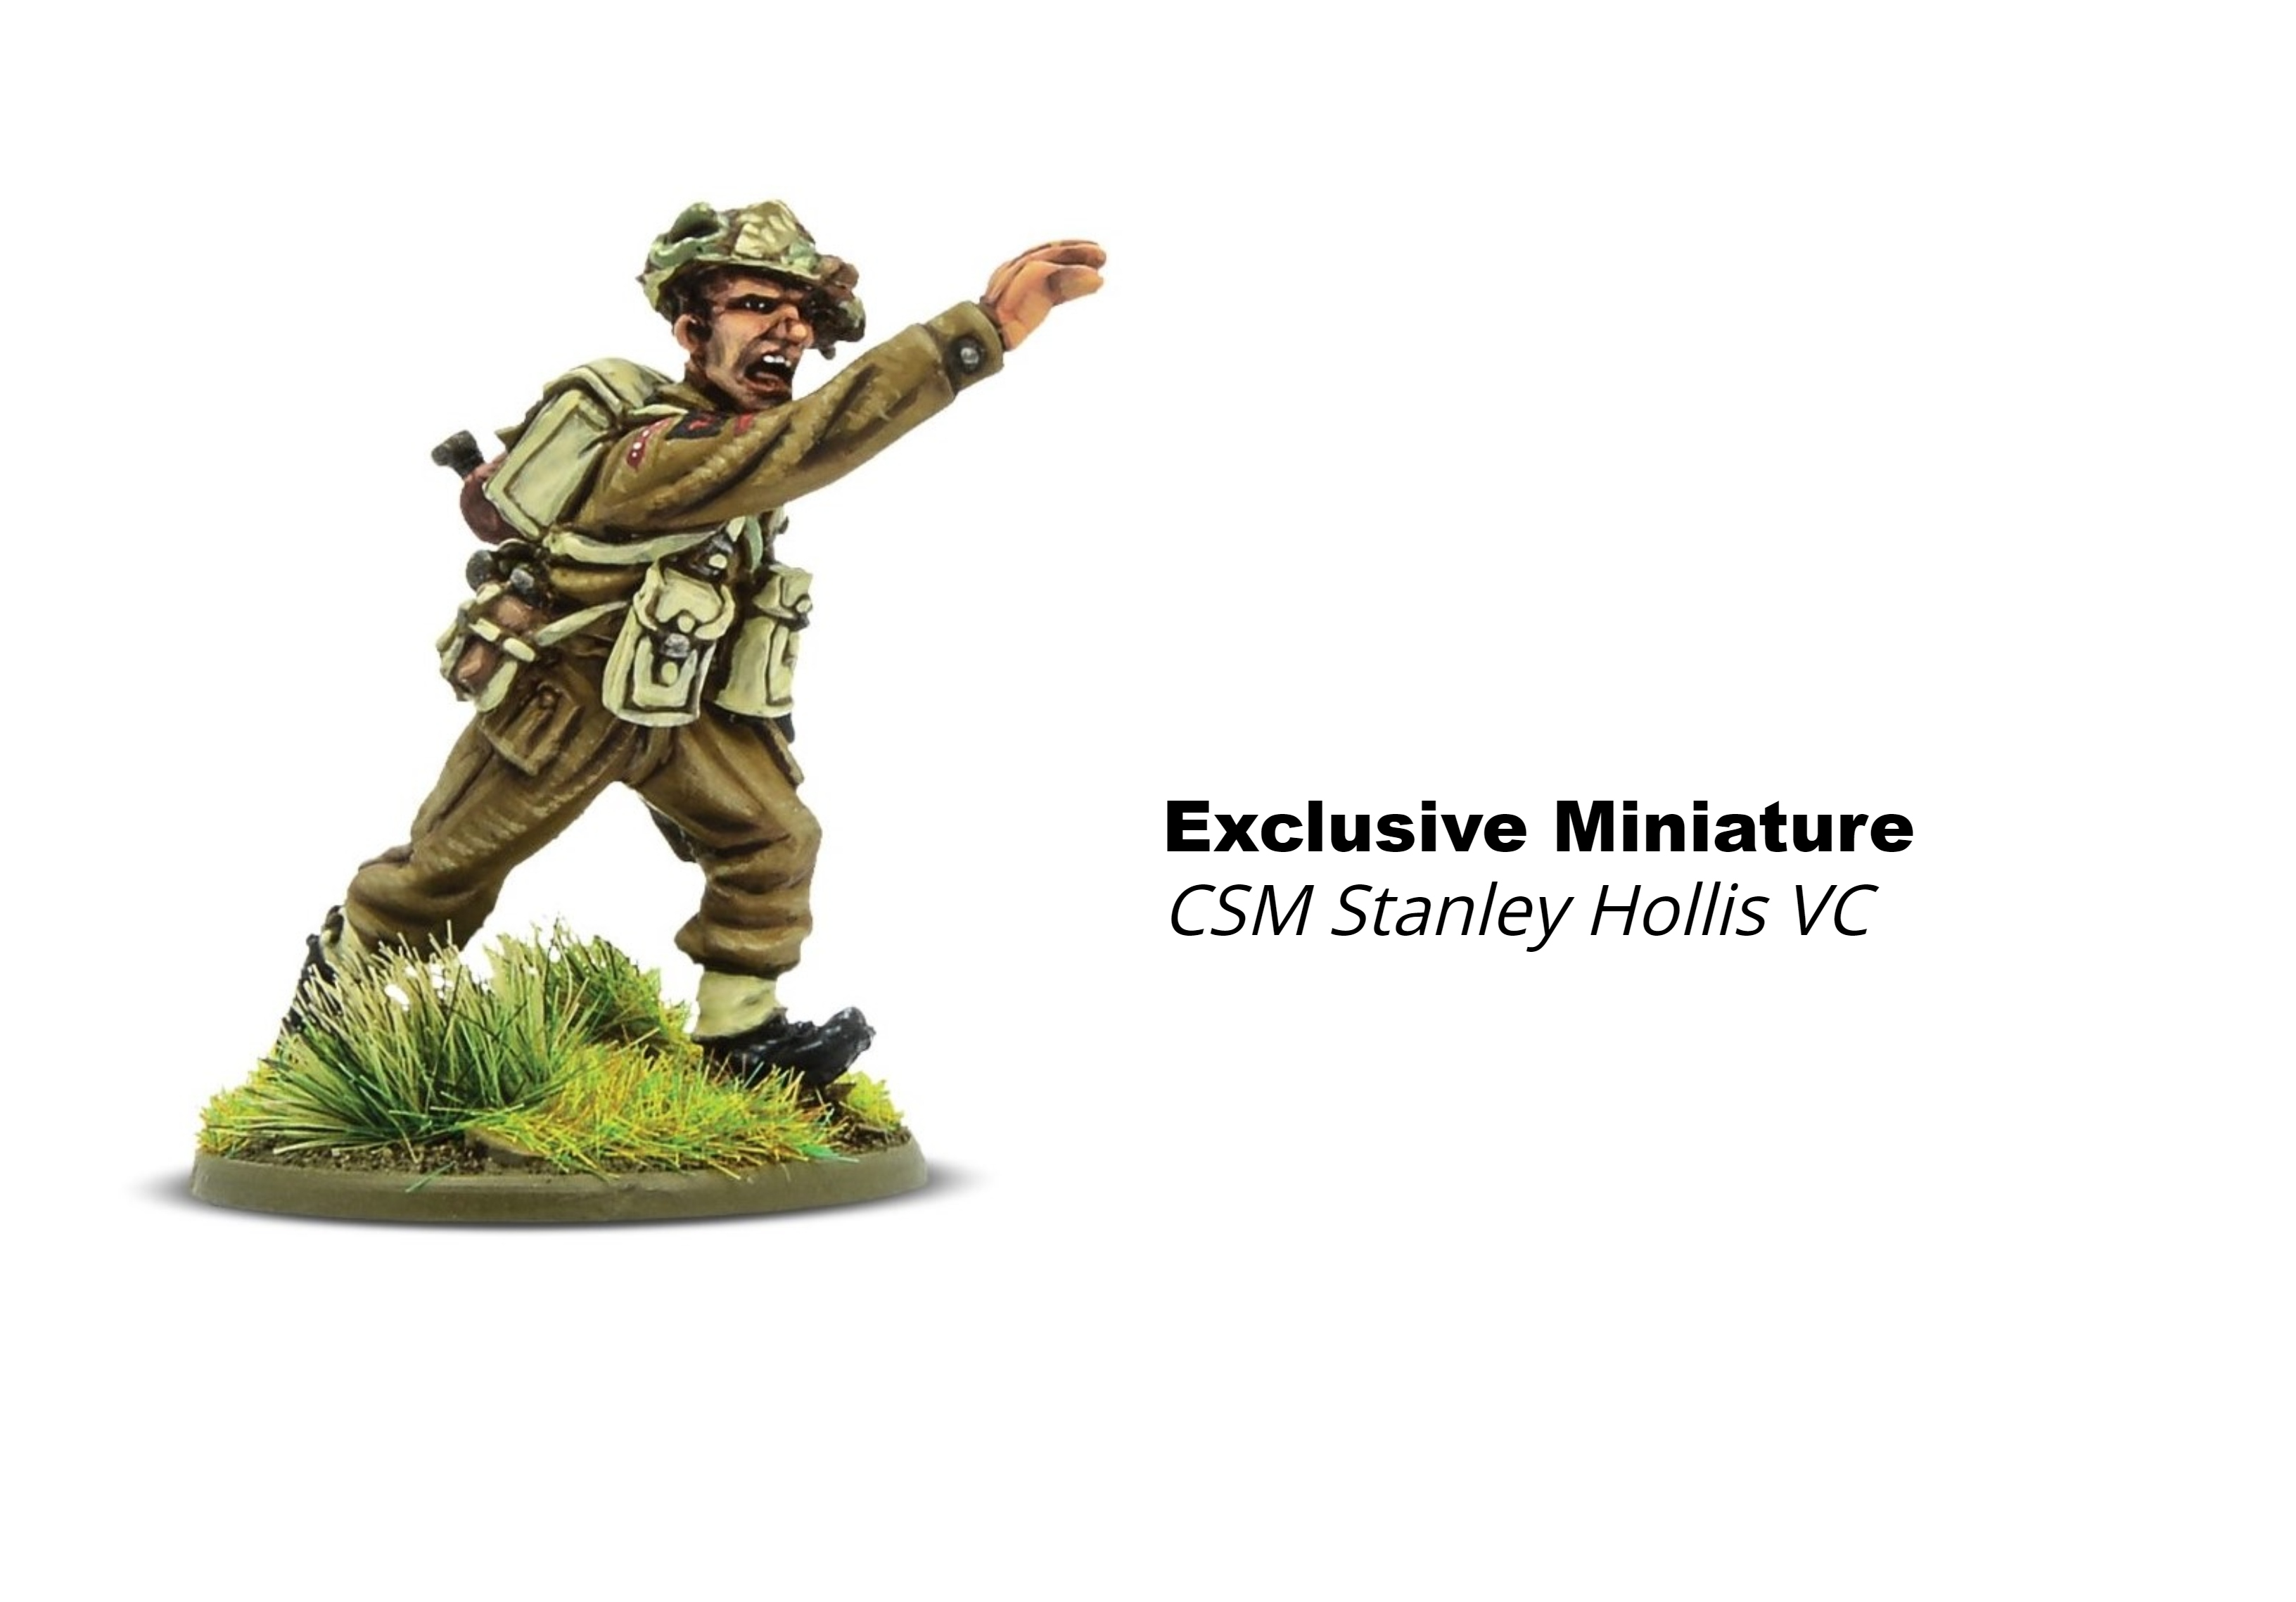 Bolt Action CSM Stanley Hollis VC, Limited Ed Miniature